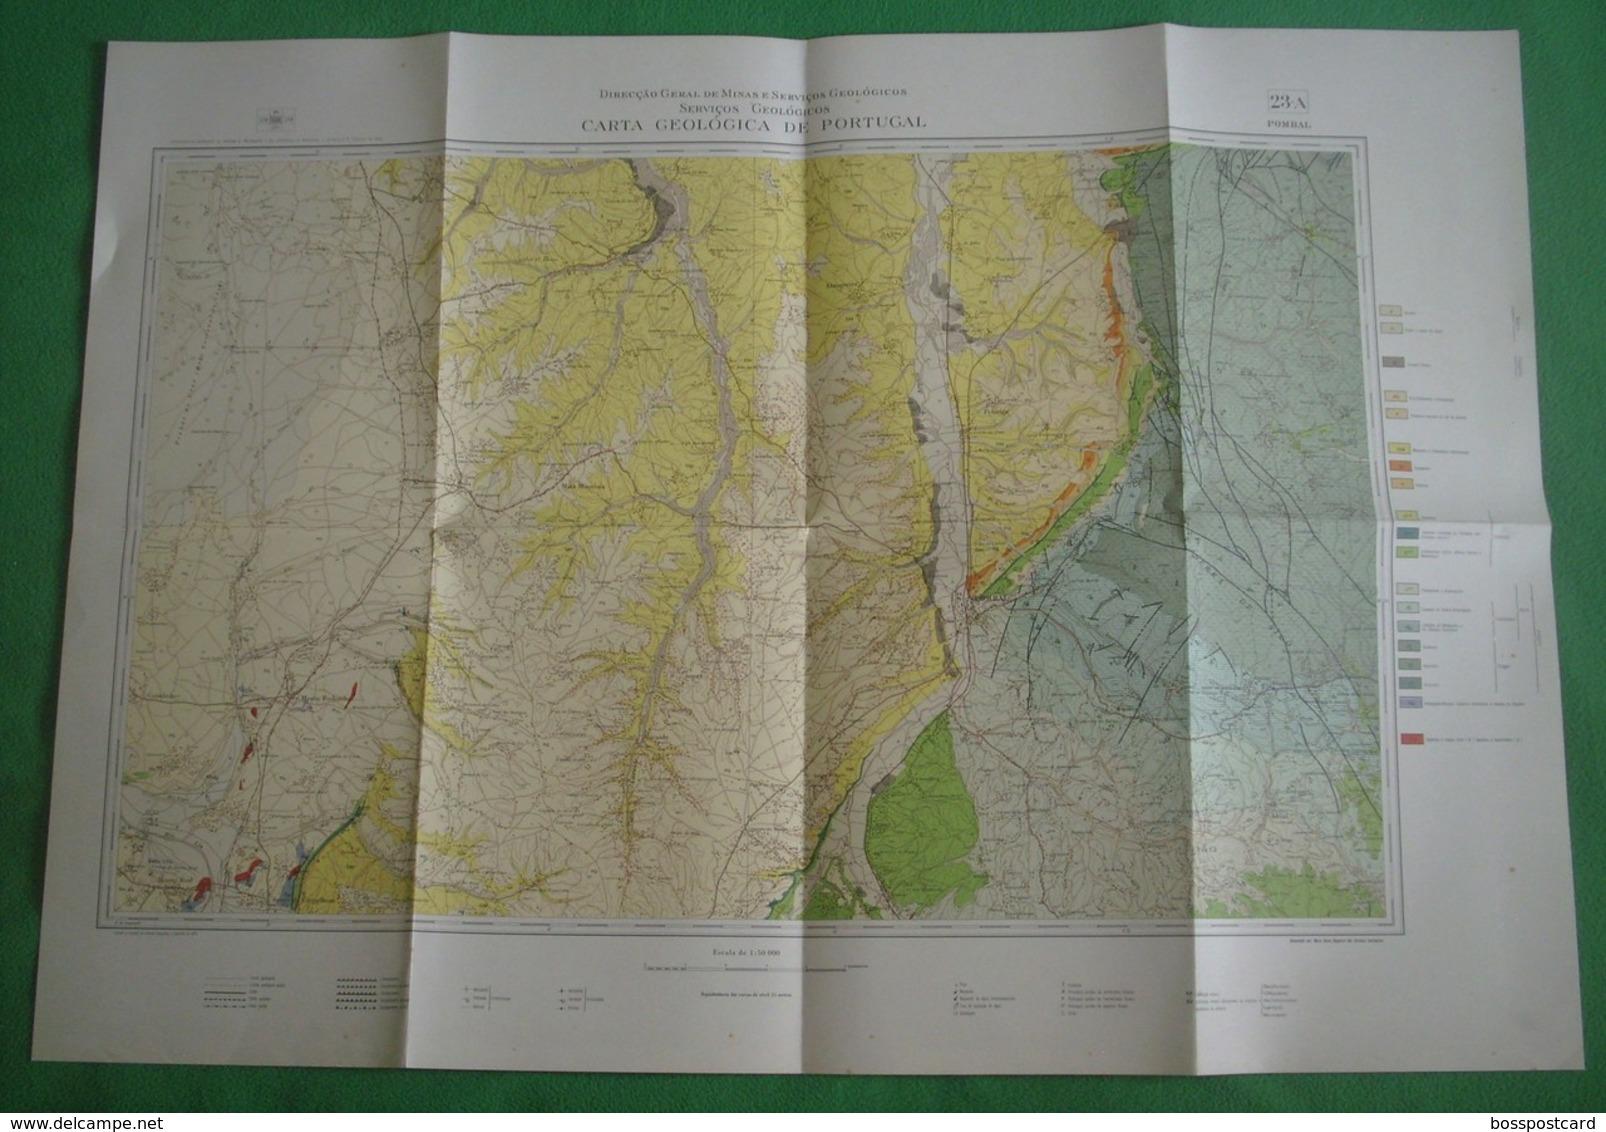 Pombal - Carta Geológica De Portugal + Mapa. Leiria. - Geographical Maps